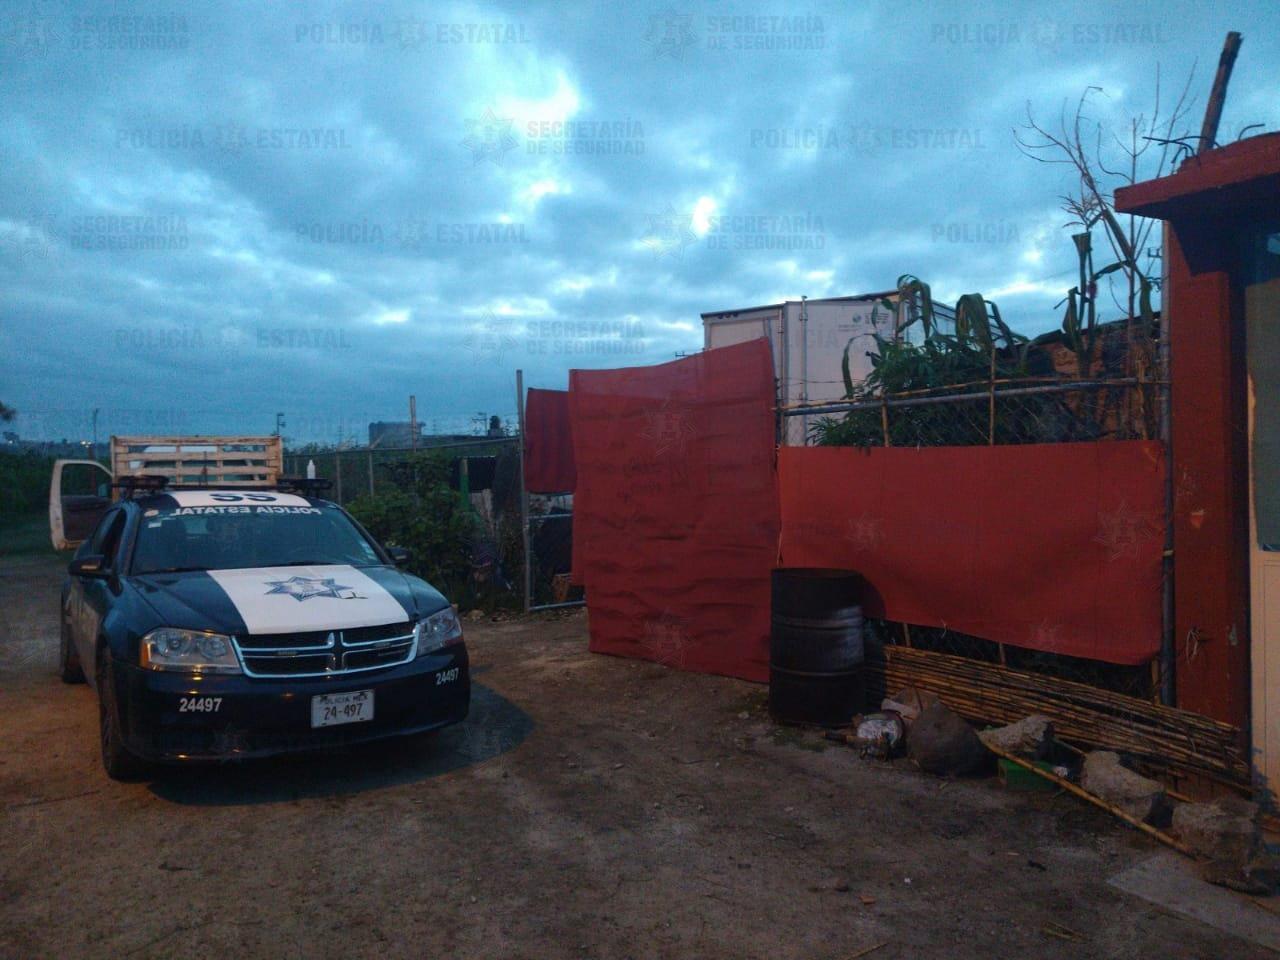 RESGUARDAN EN TEOLOYUCAN UN PREDIO DONDE ENCONTRARON UNA CAMIONETA CON REPORTE DE ROBO